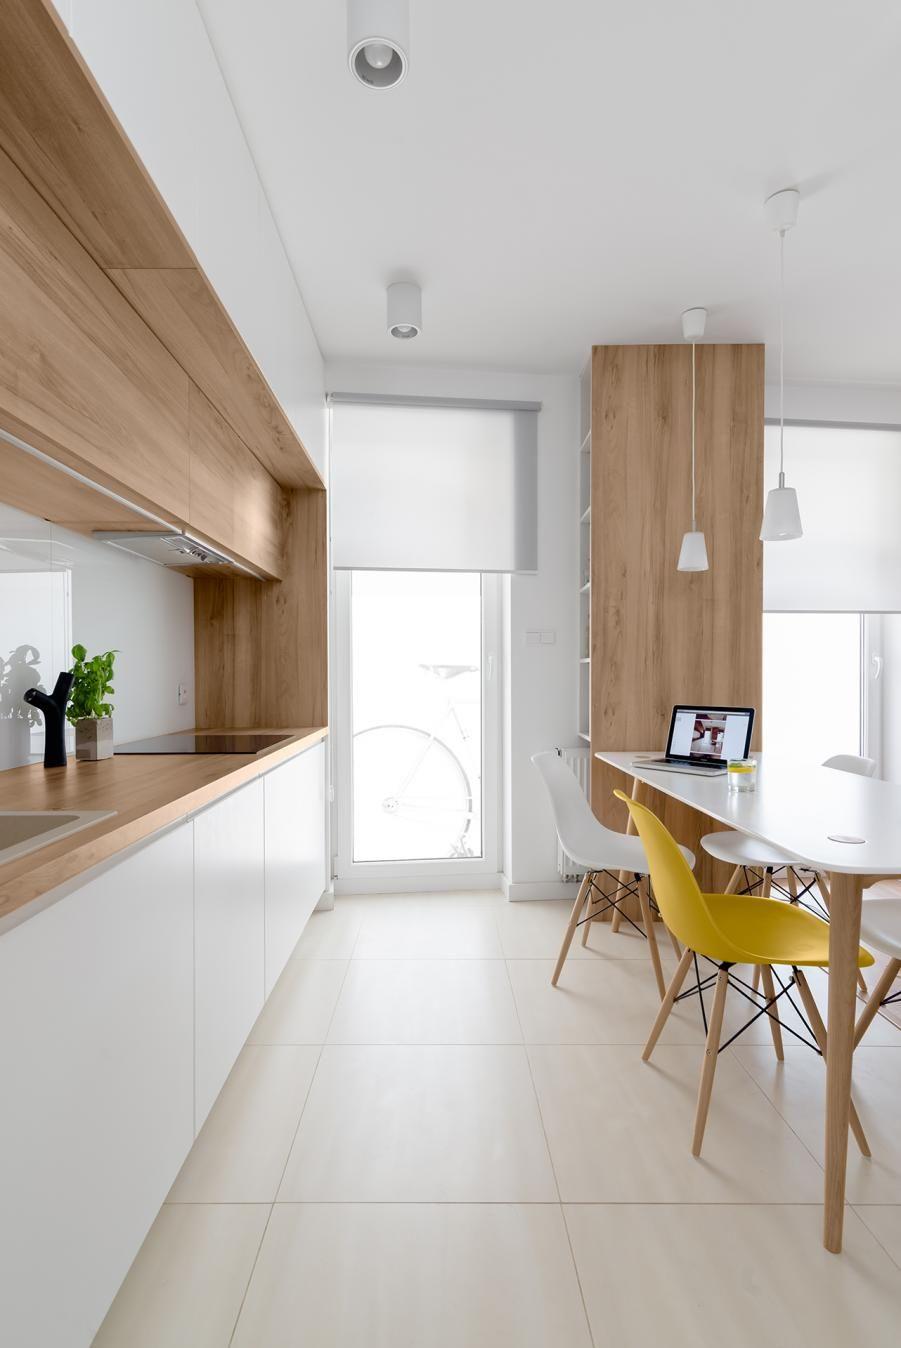 Pin de Grace en Ideas de casa | Pinterest | Cocinas, Interiores y ...